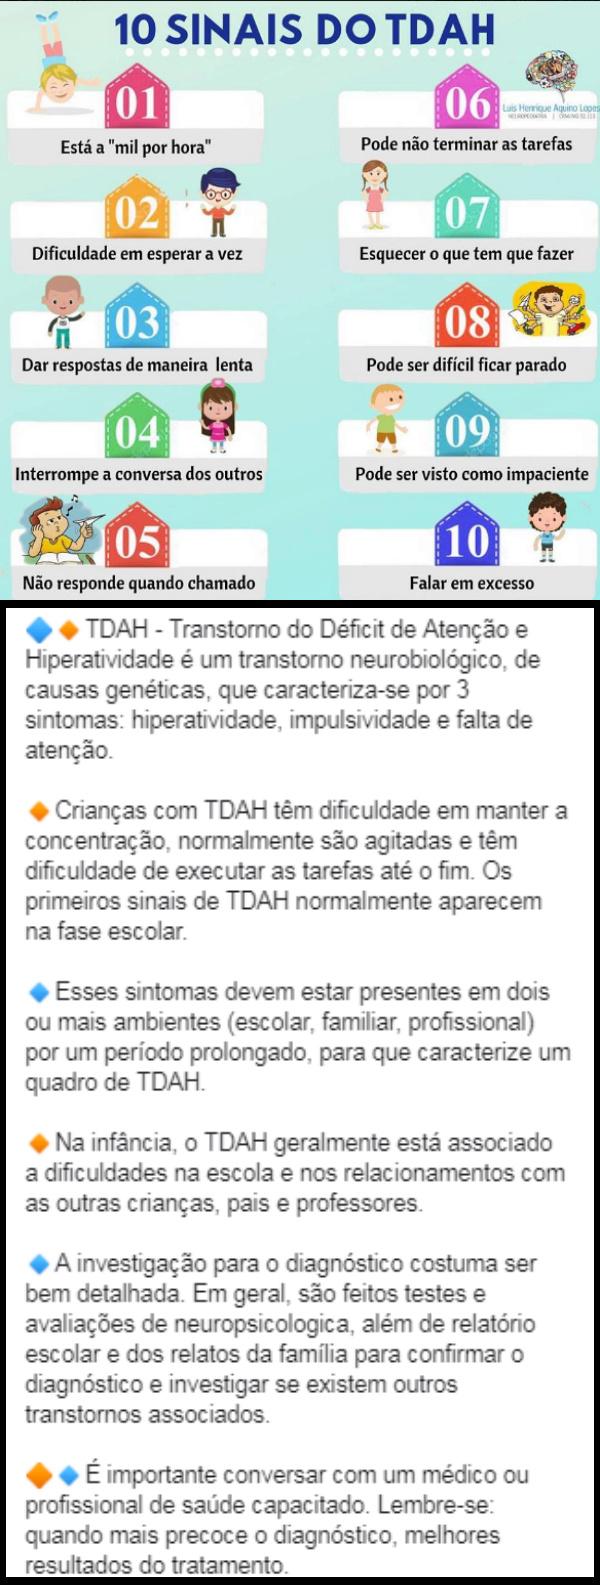 Tda/tdah - transtorno de deficit de atencao e hiperatividade Tdah10